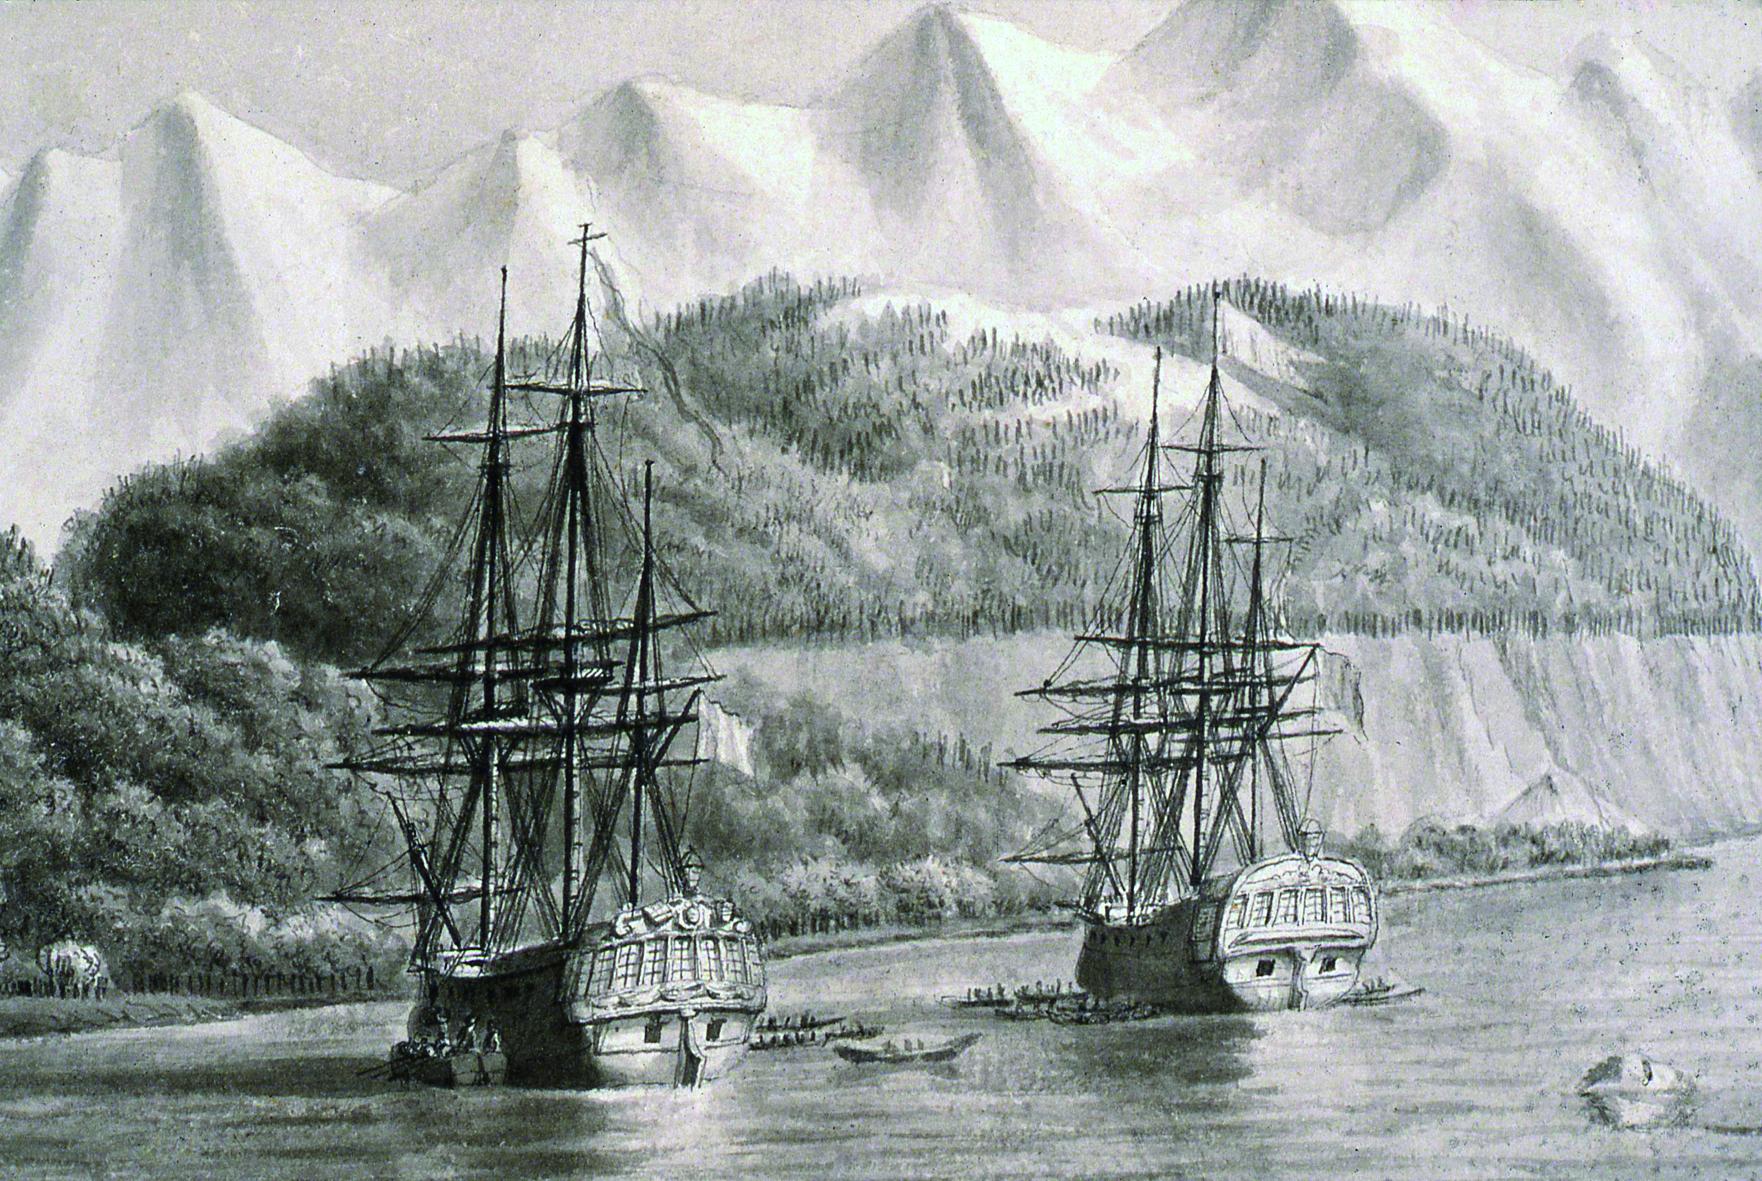 L'Astrolabe et la Boussole au mouillage probablement en Alaska en 1786. Dessin réalisé lors de l'expédition La Pérouse.